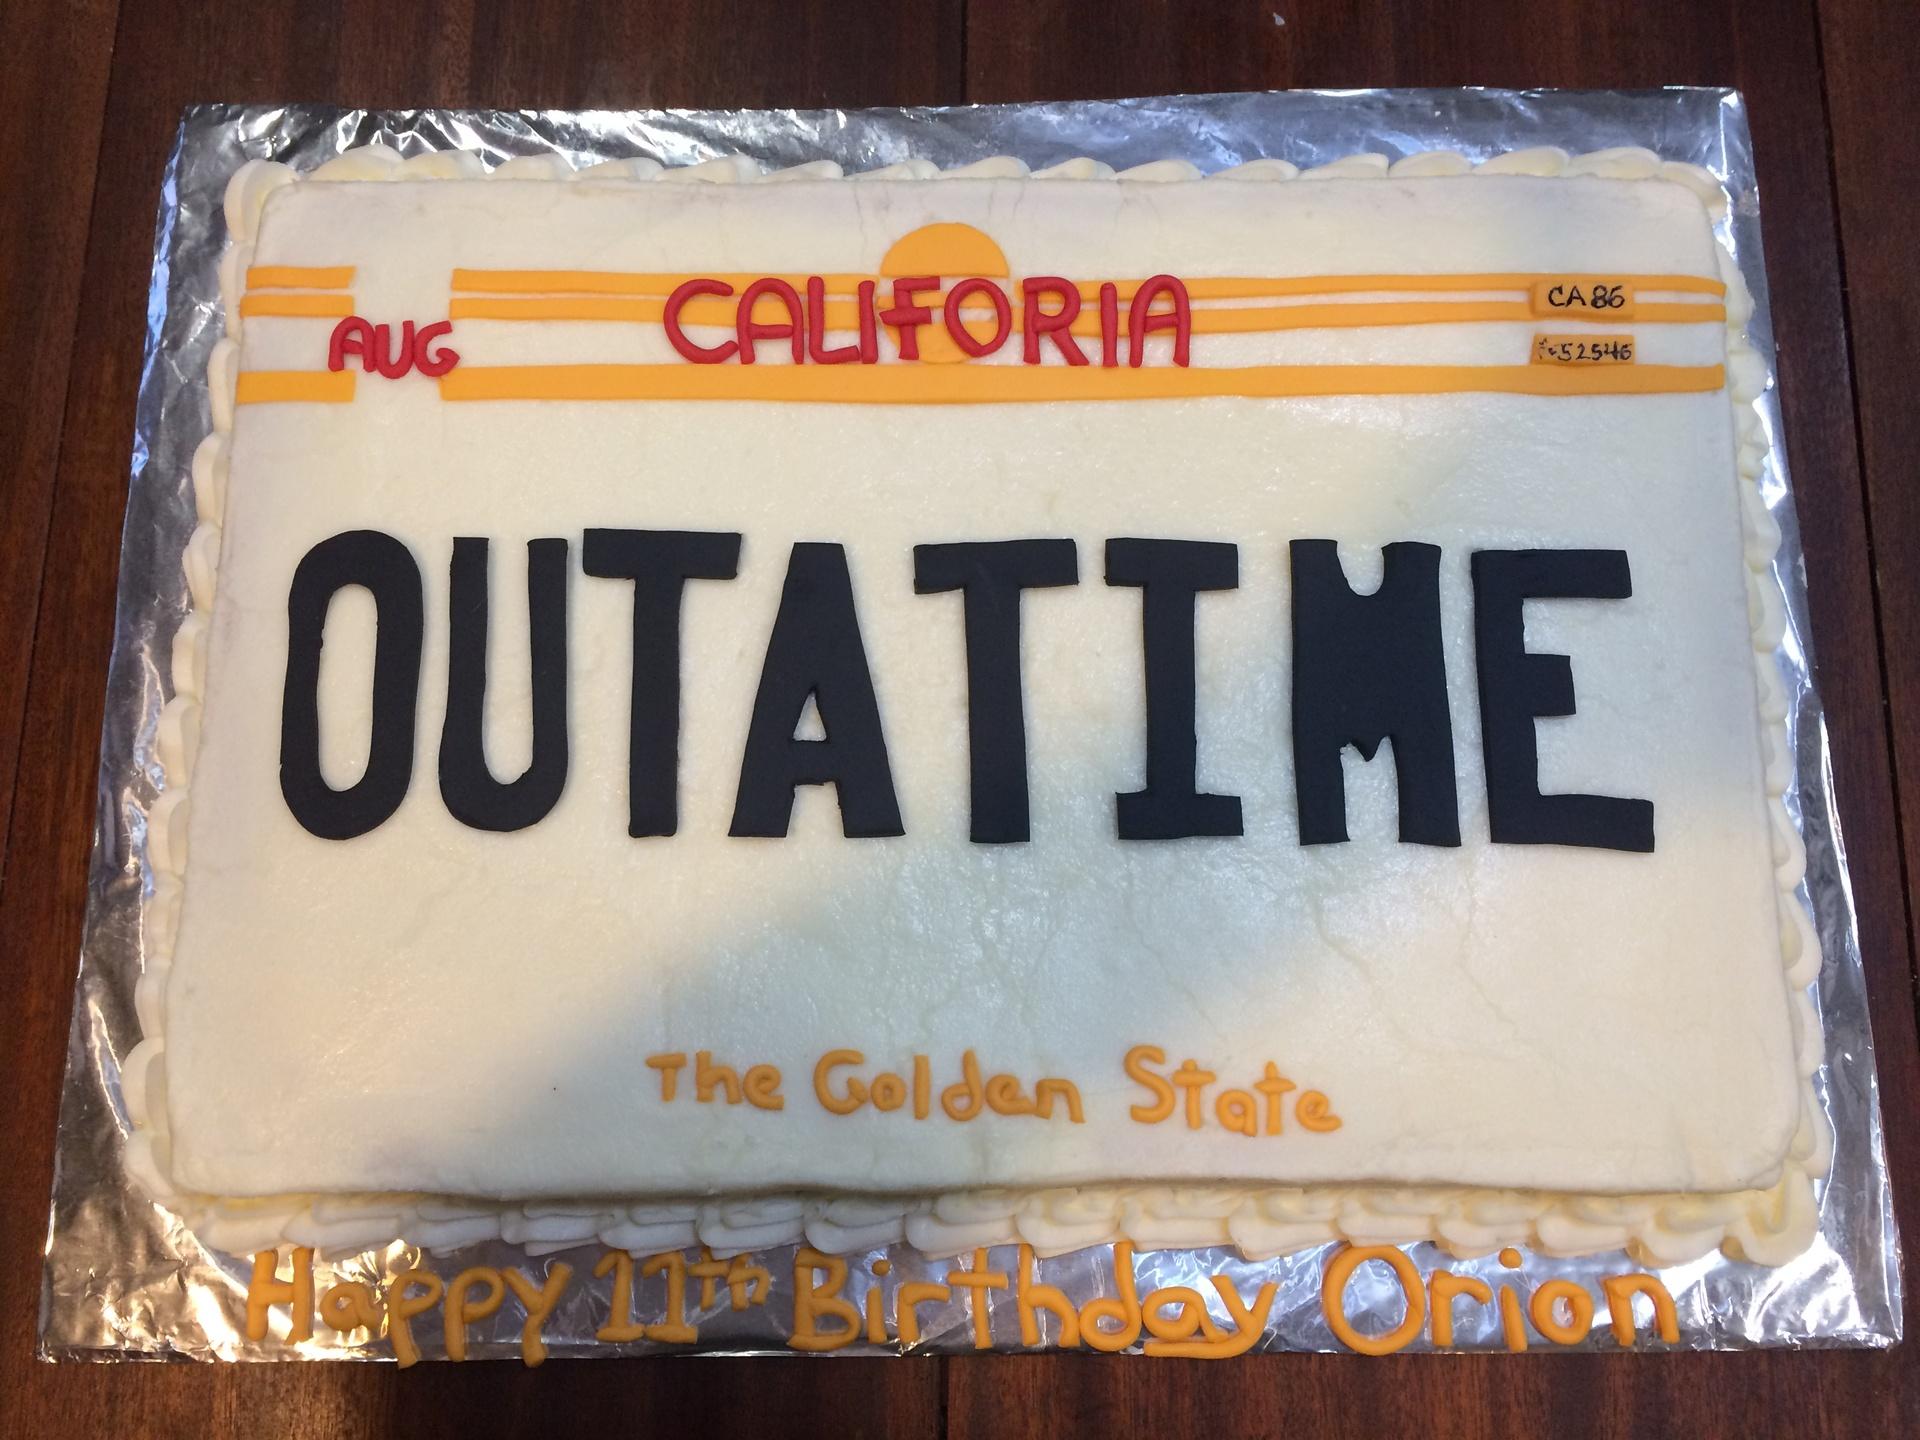 Outatime Plate Cake